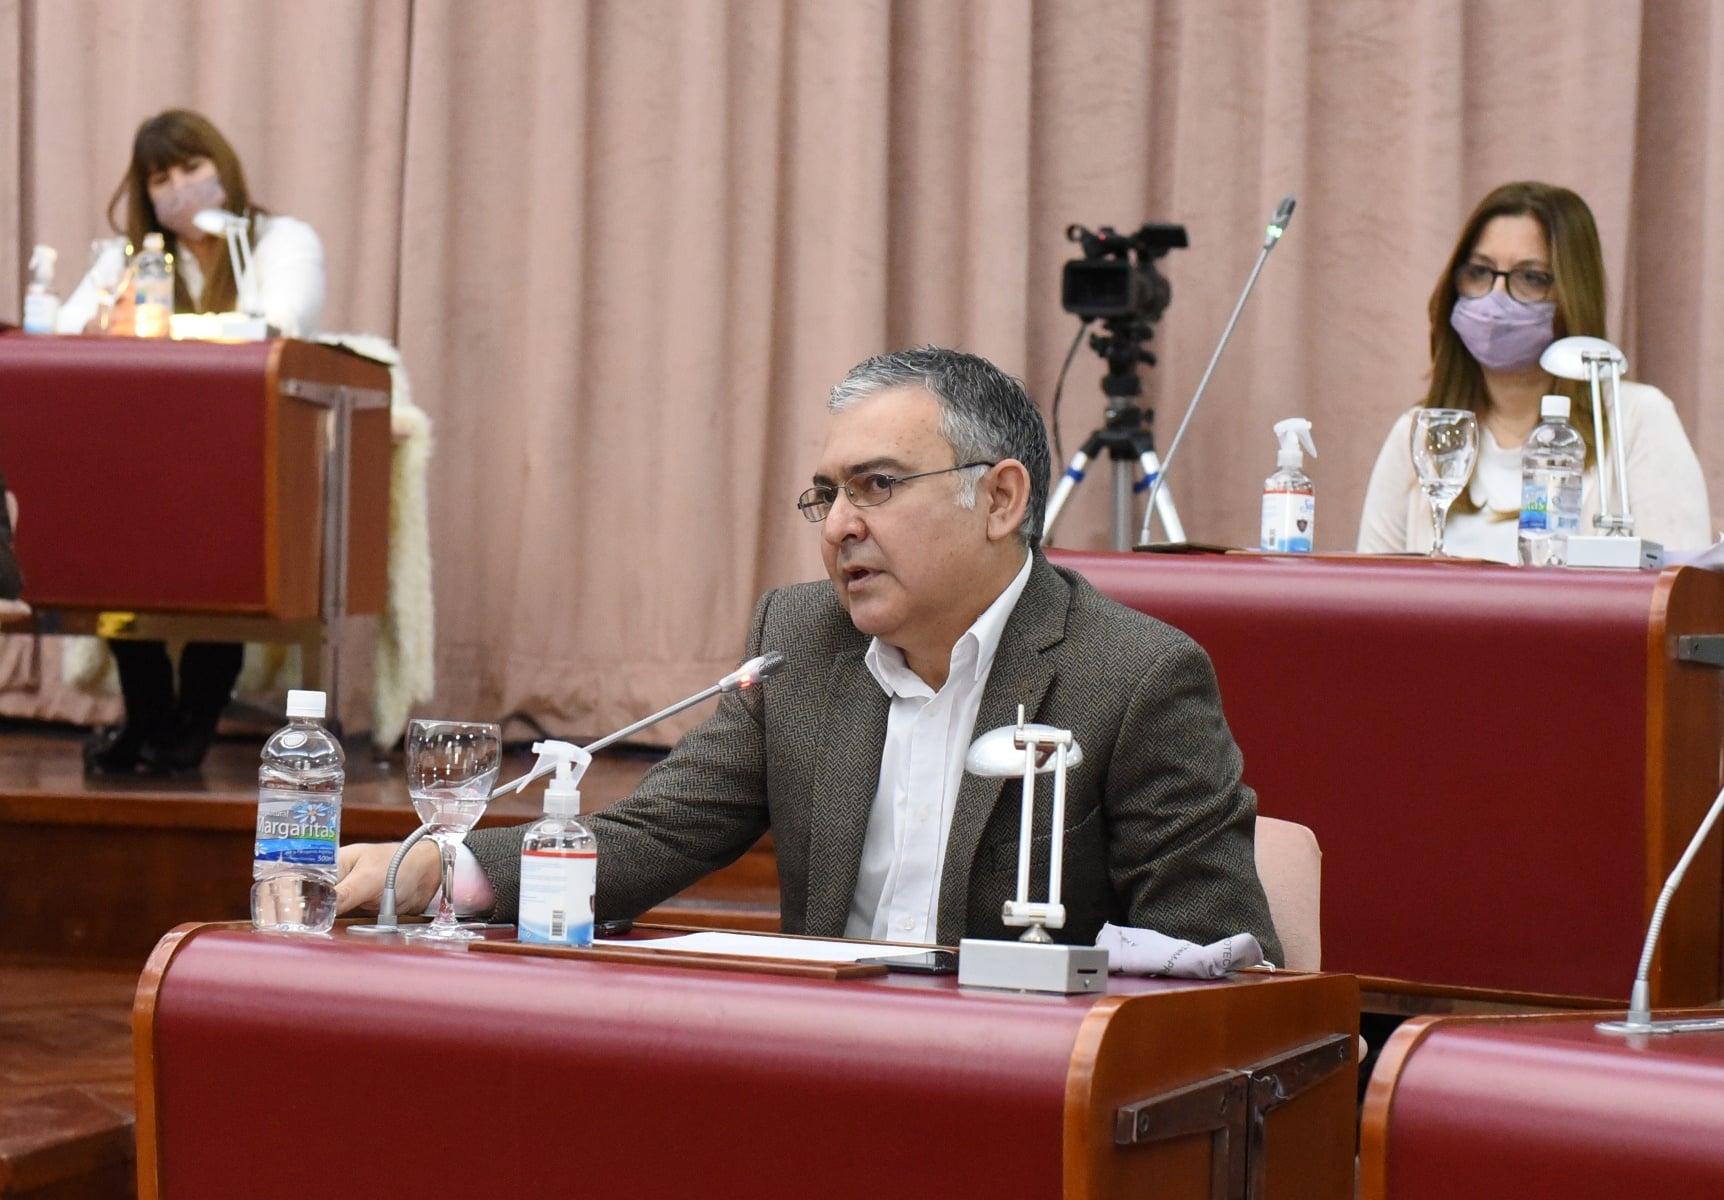 """Pagliaroni advirtió que la economía de Chubut """"está en riesgo si avanza el marco hidrocarburífero que impulsan funcionarios nacionales"""""""